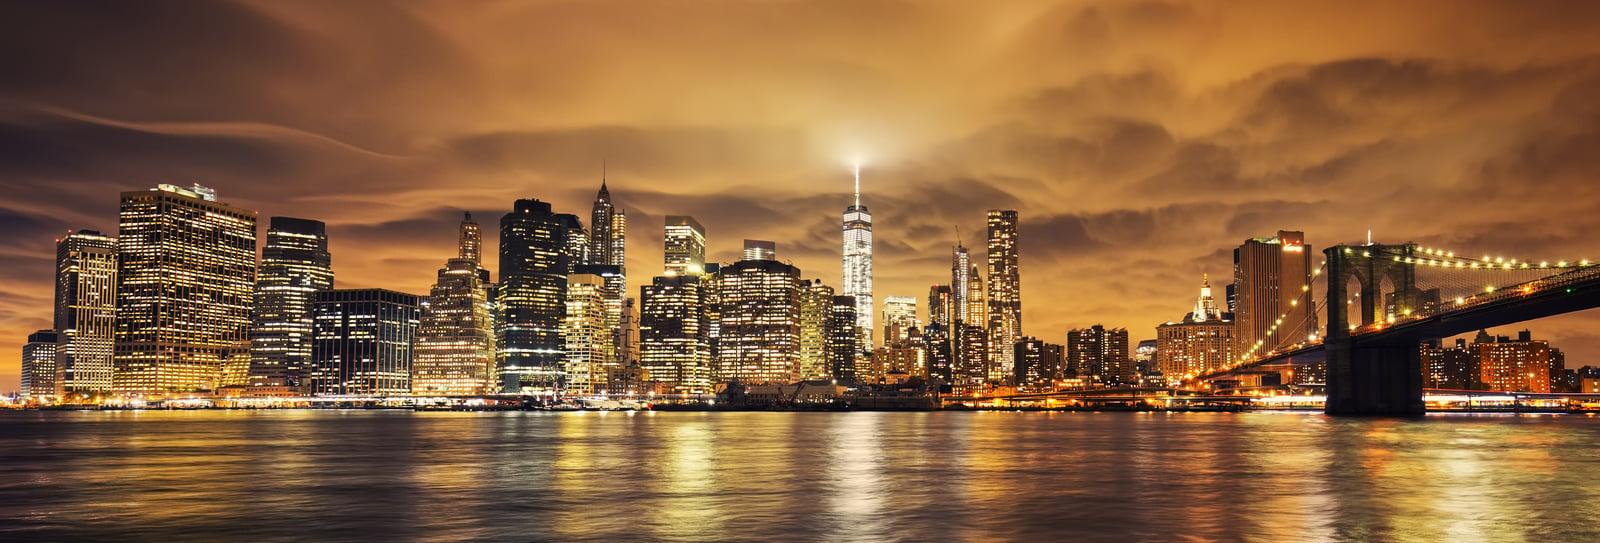 Carnegie Hill Manhattan, NY Private Investigator